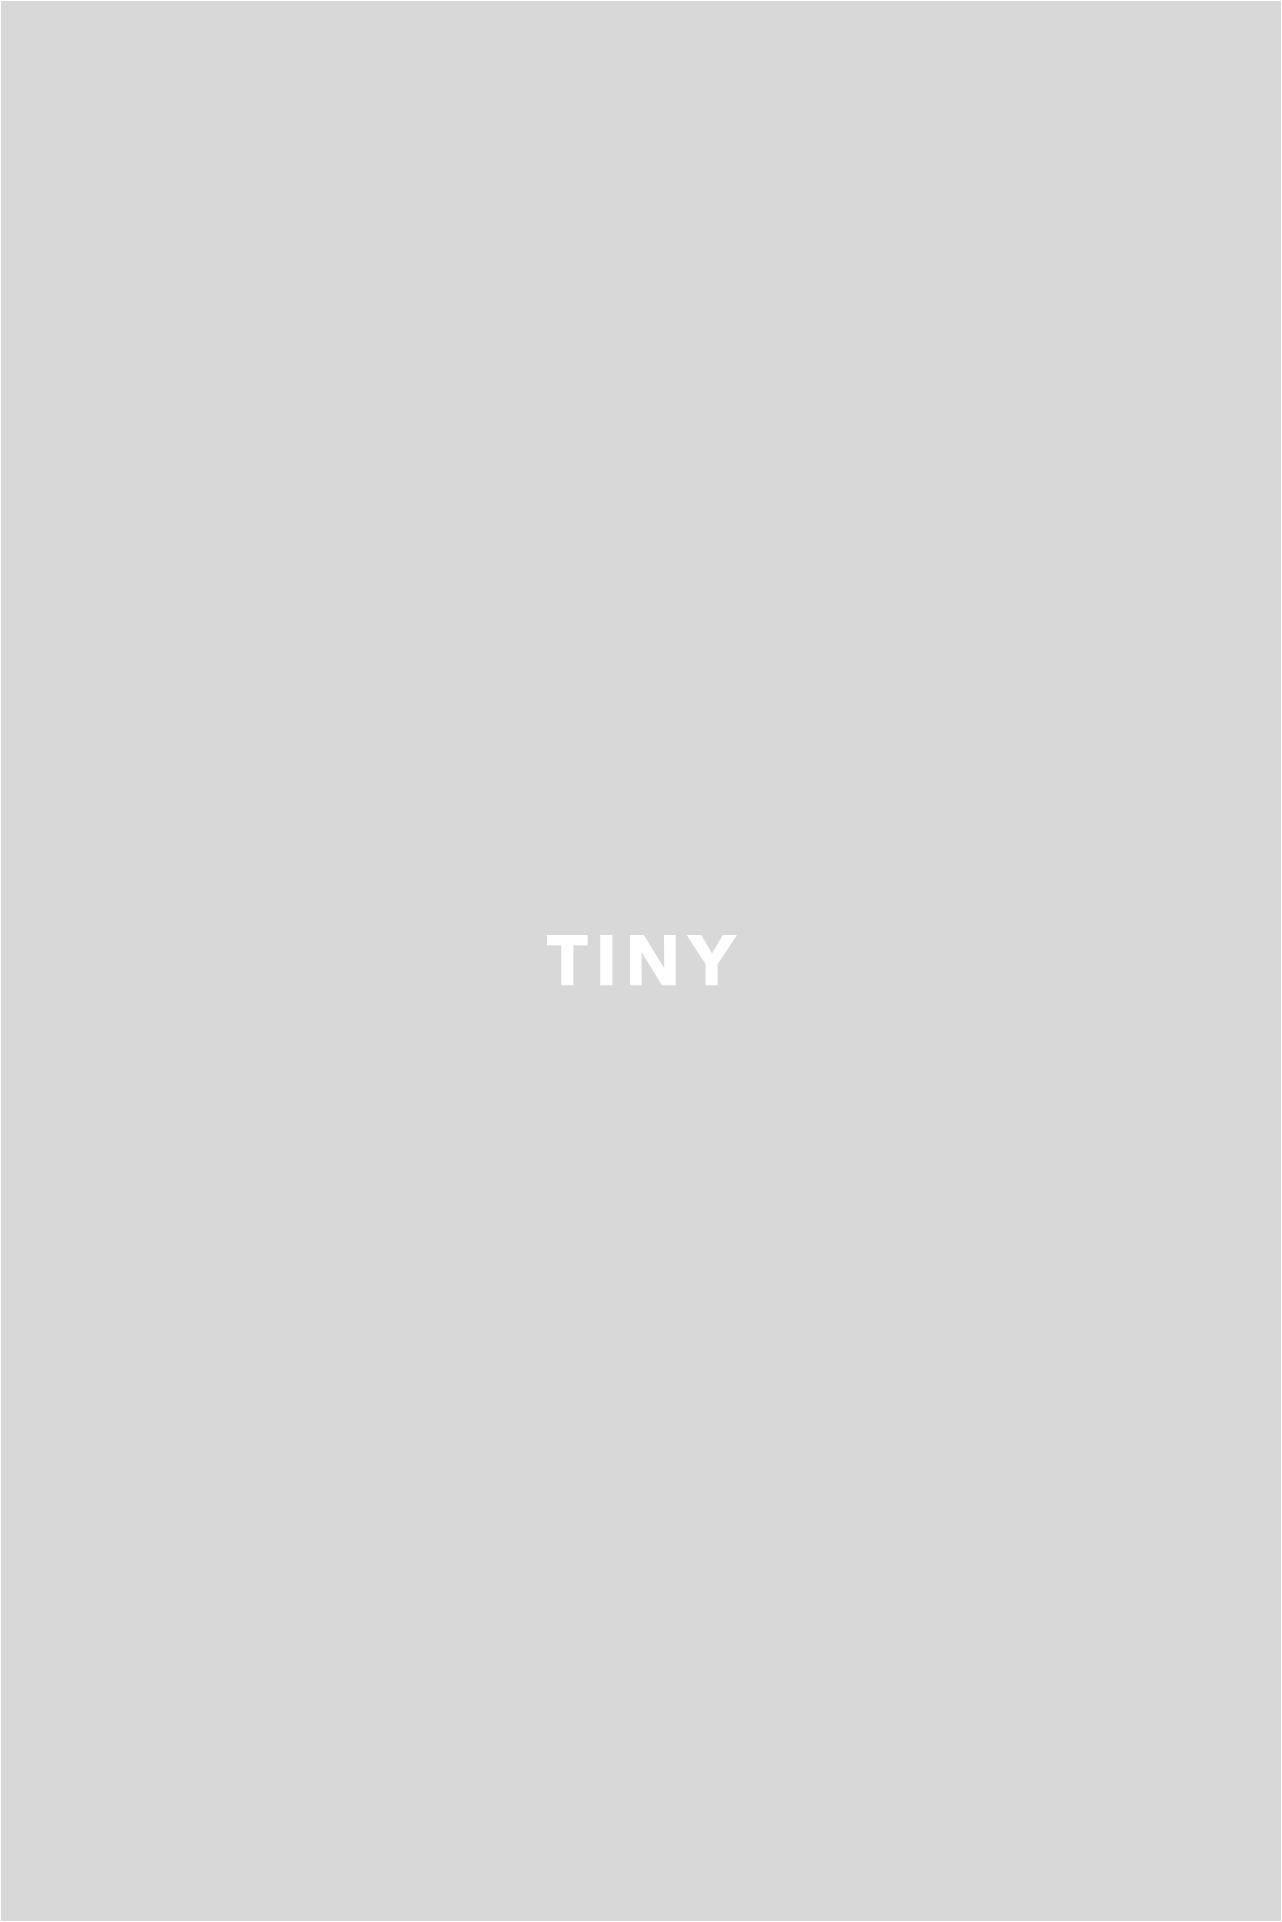 Hot Dog Van